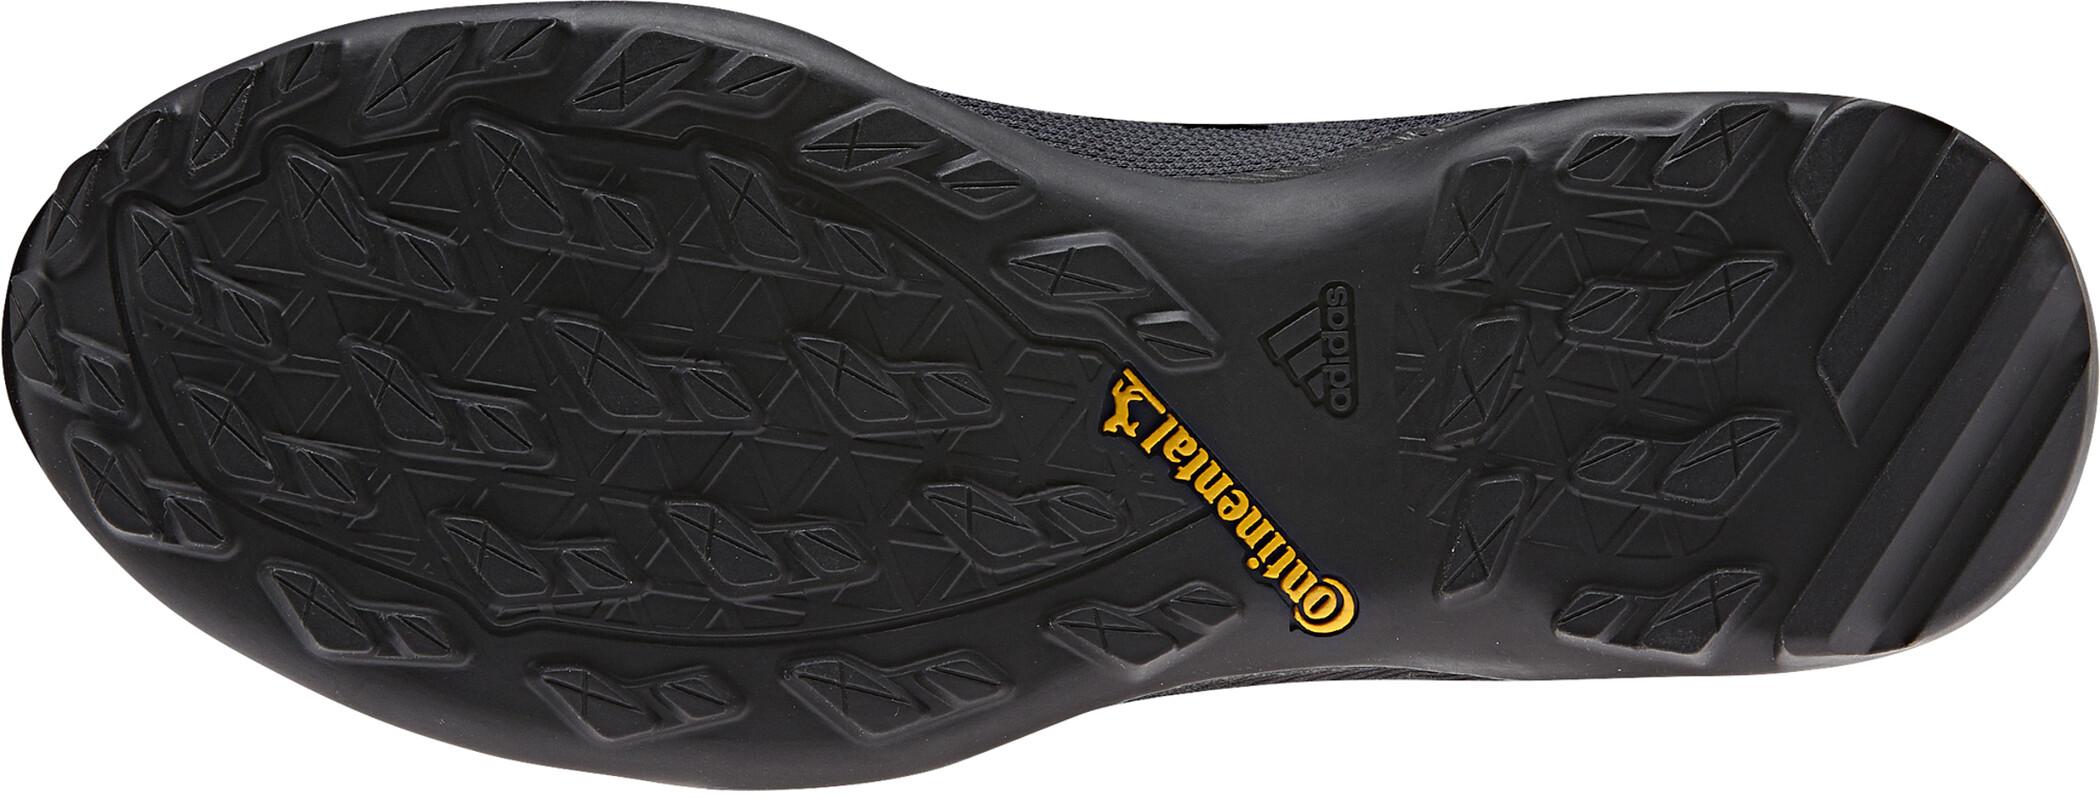 adidas TERREX AX3 Gore Tex Wanderschuhe Wasserdicht Herren